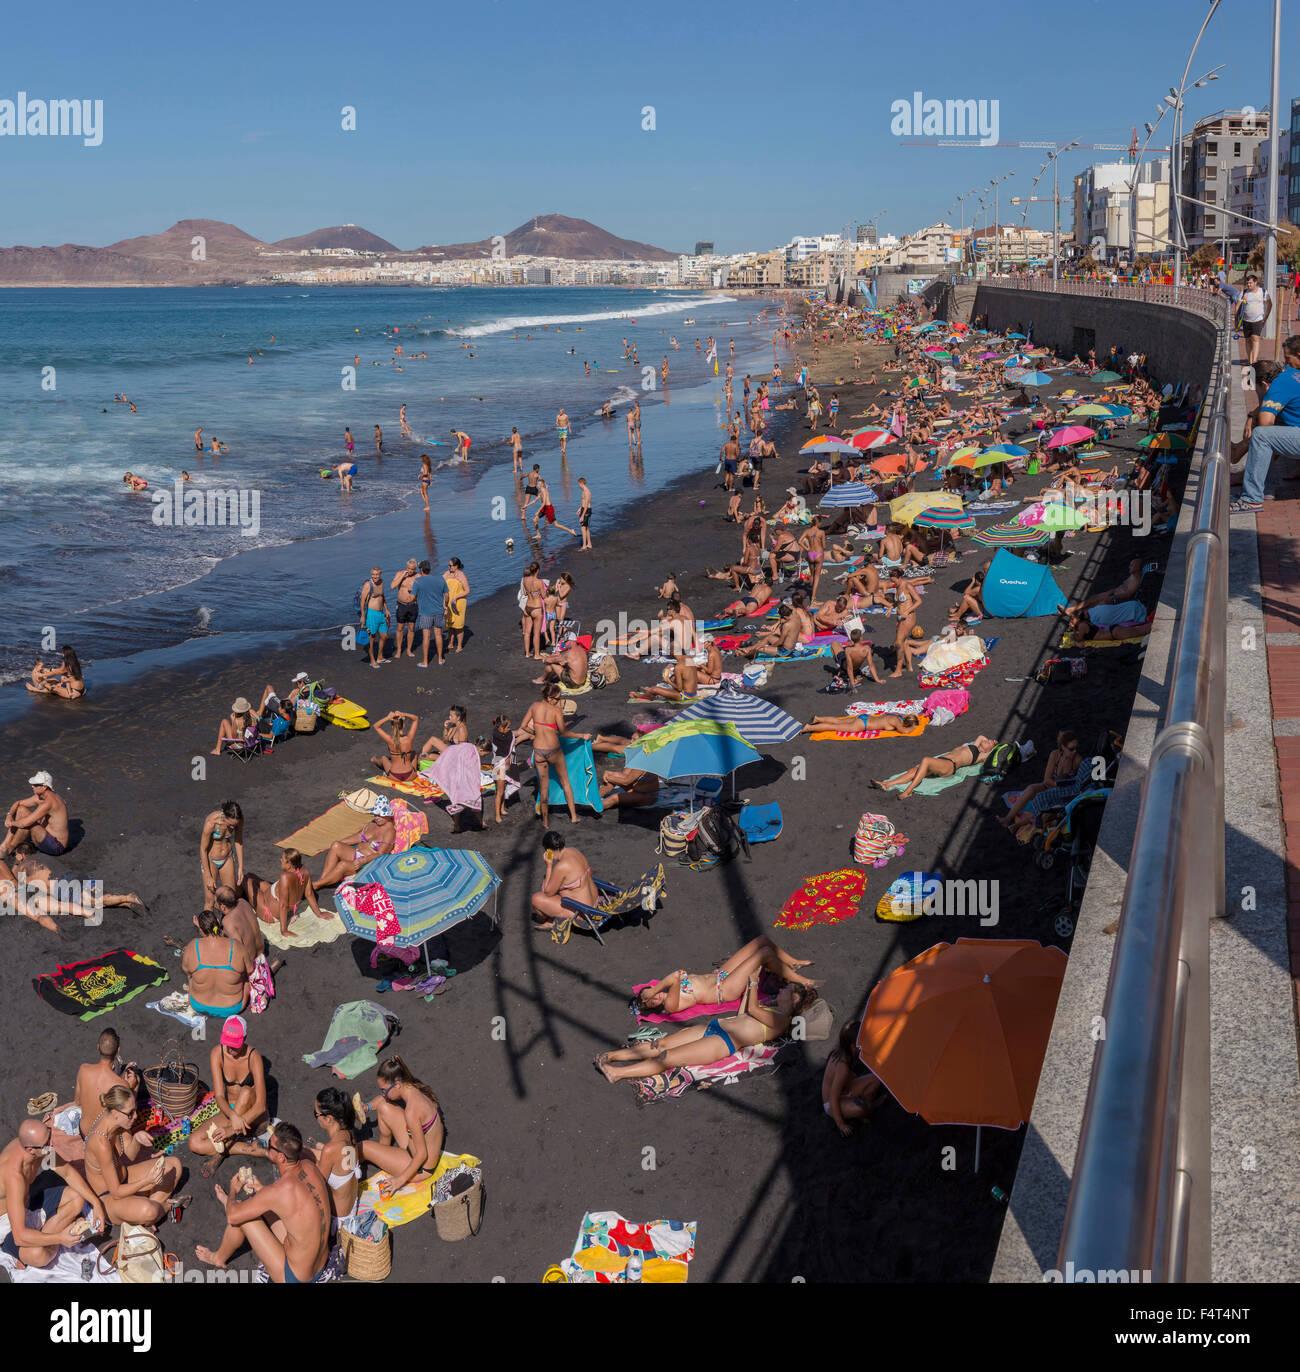 Spanien europa las palmas de gran canaria kanarische inseln gran canaria kanaren playa las - Pisos com las palmas de gran canaria ...